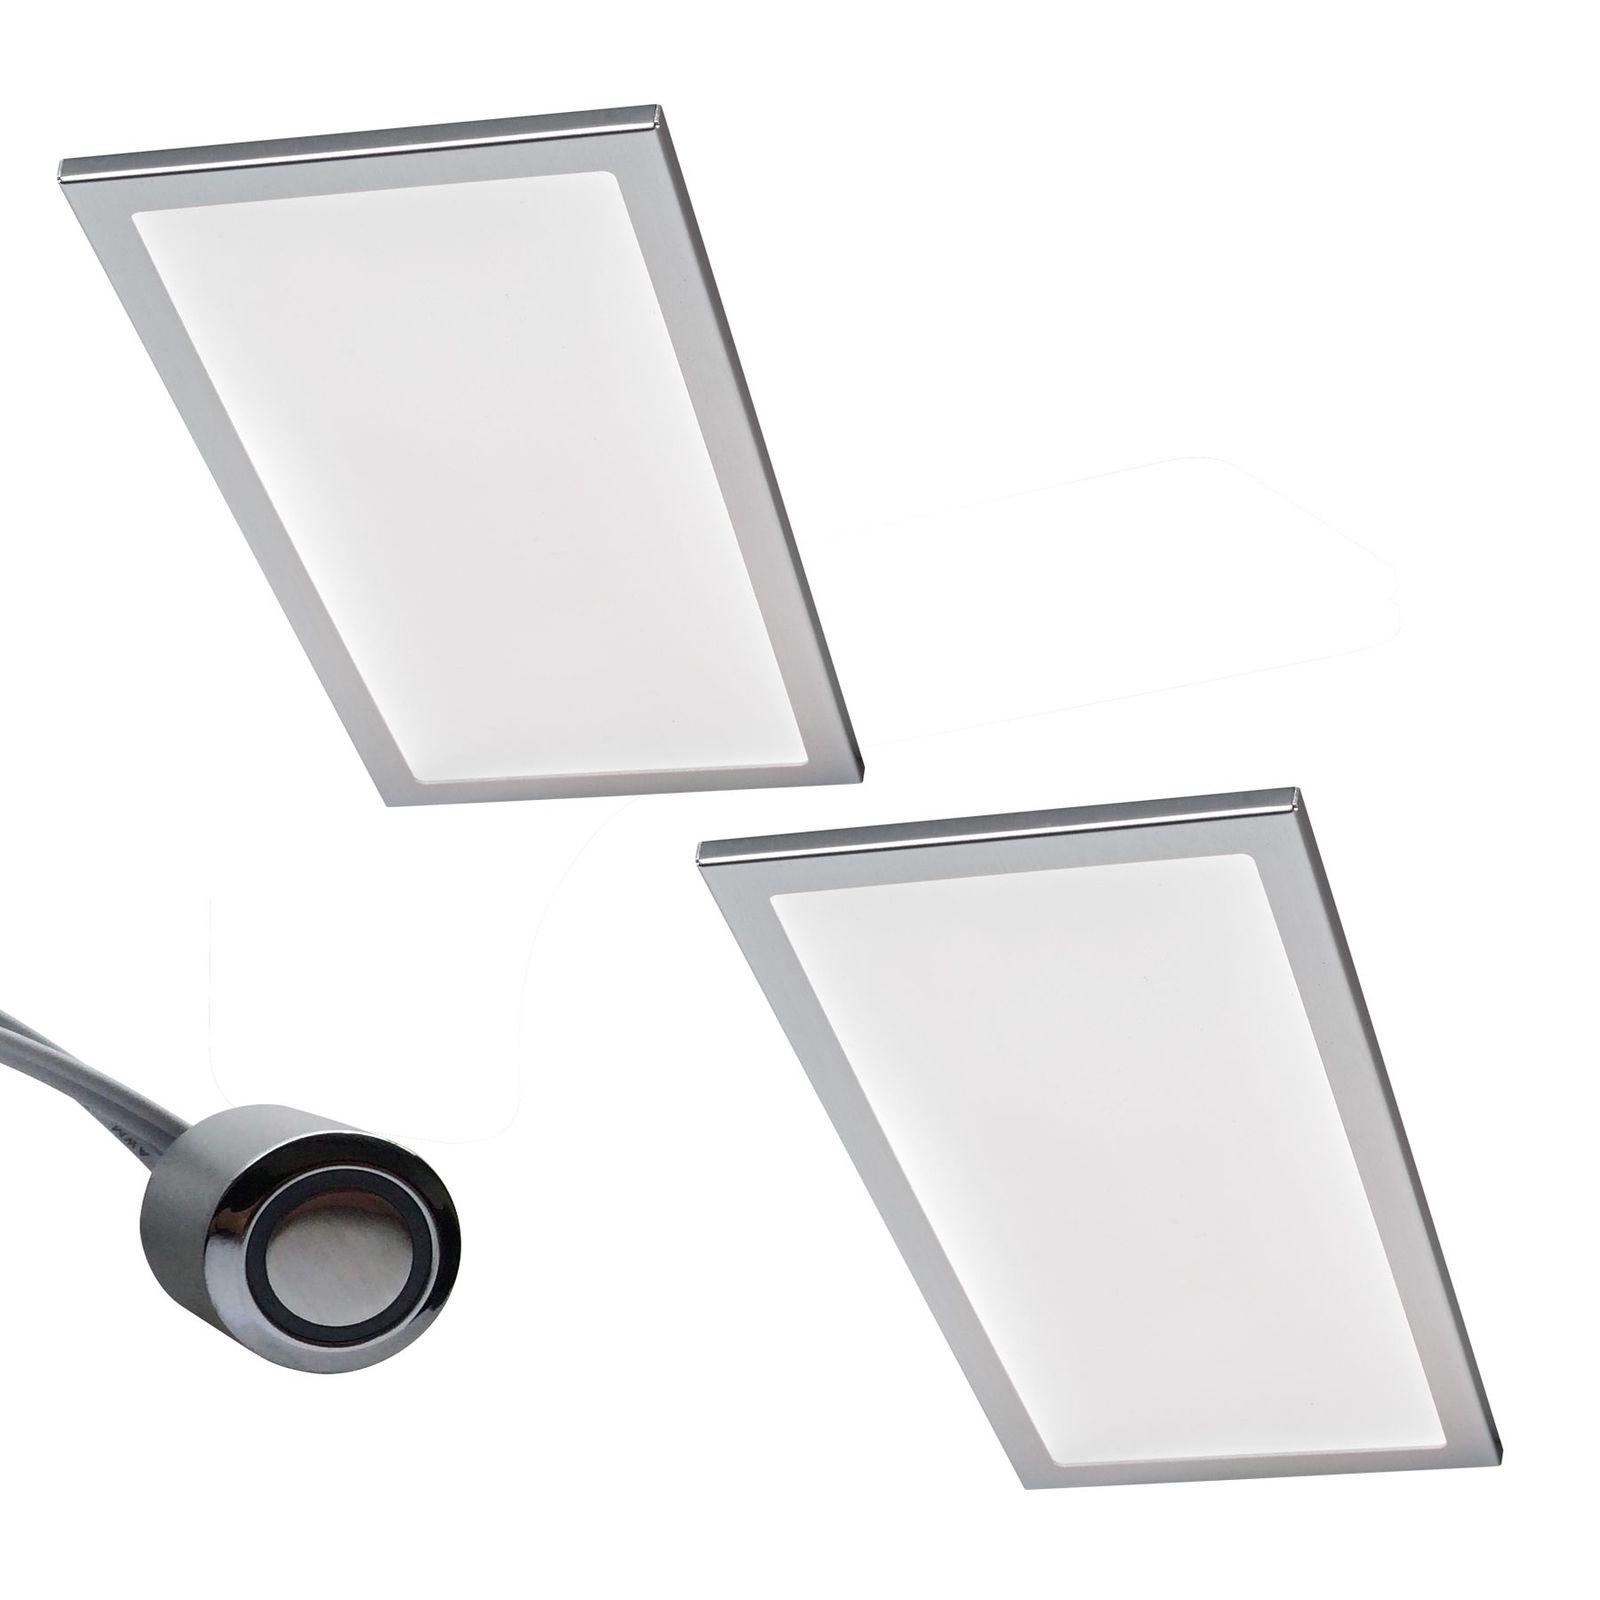 2-er Set LED Küchen Unterbauleuchte BASSO 2 x 6 W Warmweiss Dimmer ...